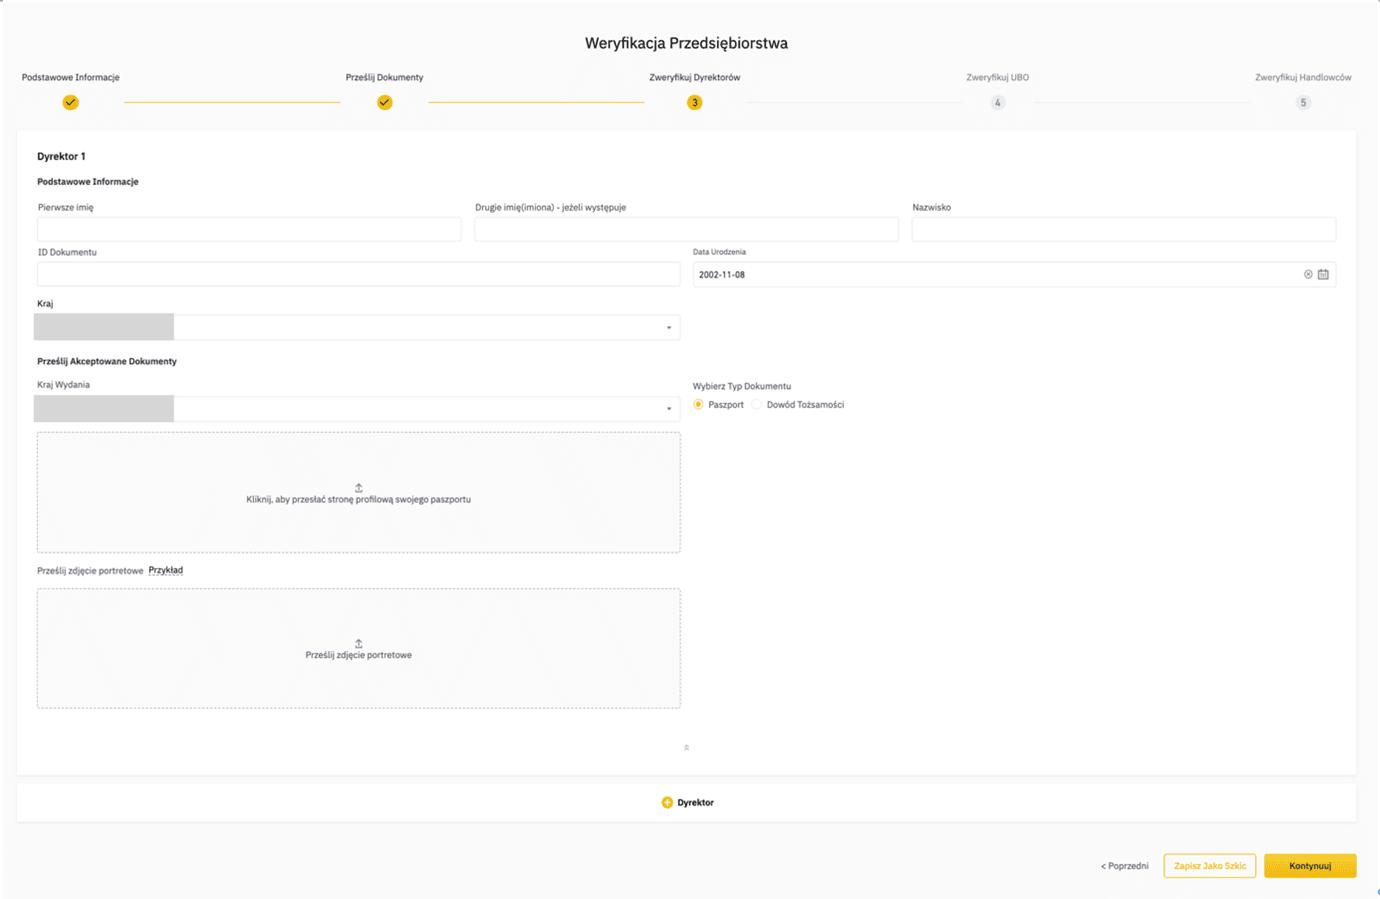 图形用户界面,,应用程序,,Teams  描述已自动生成